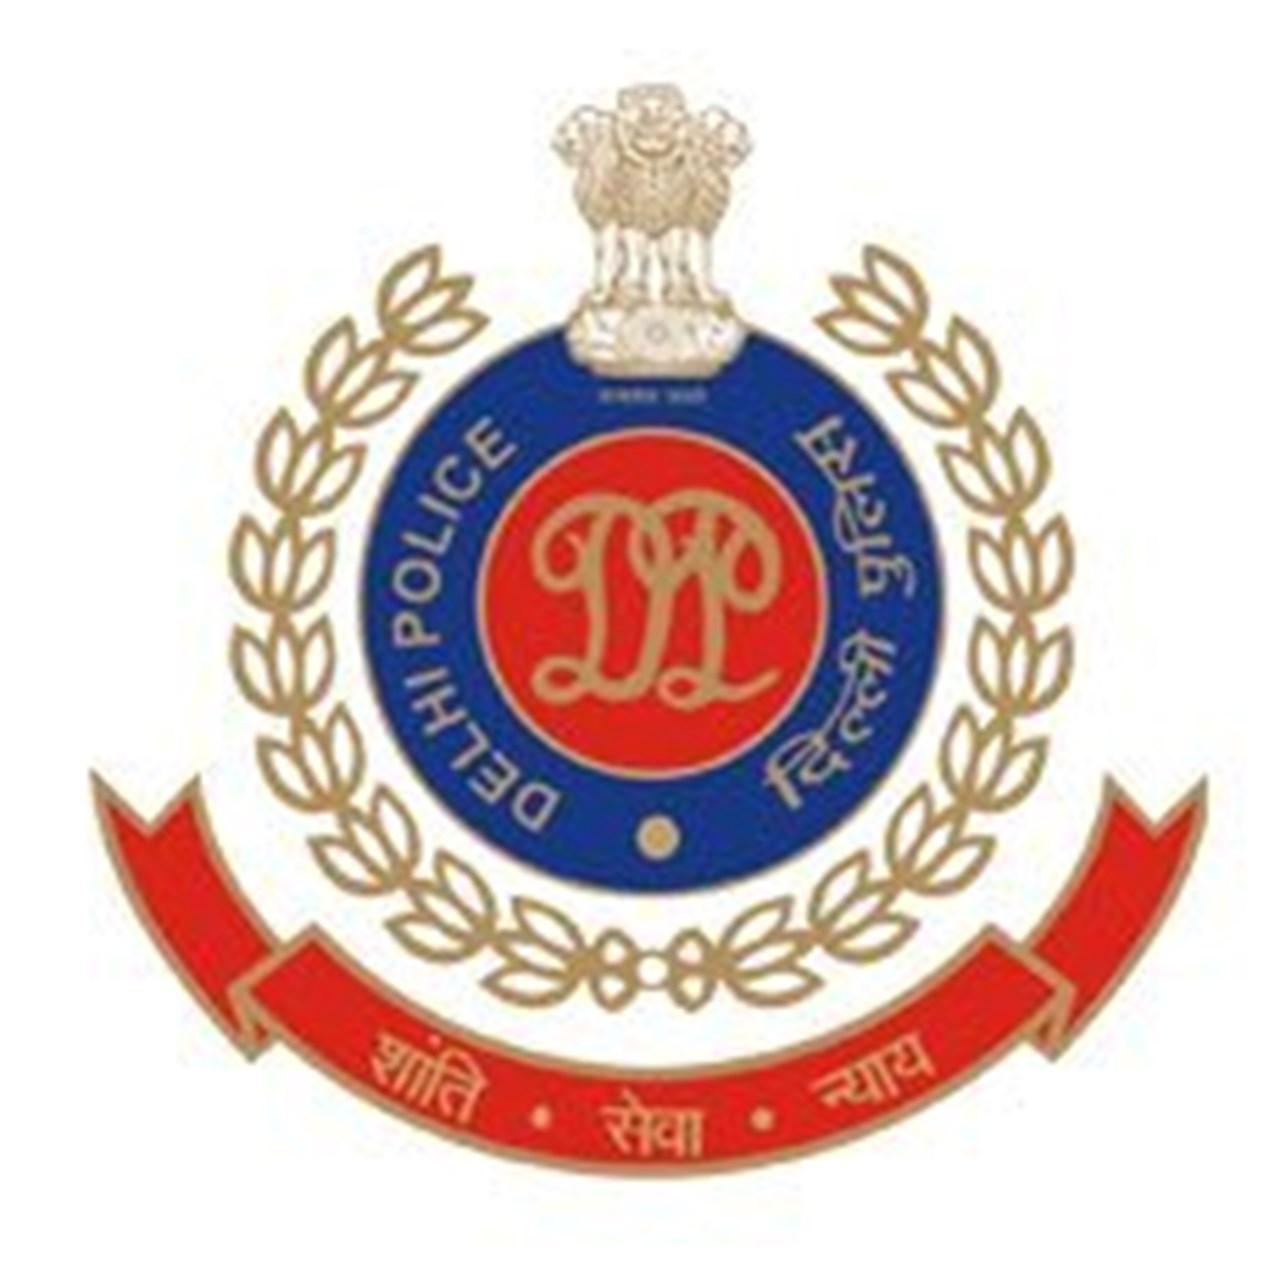 Delhi Police gets AI boost in tackling crimes